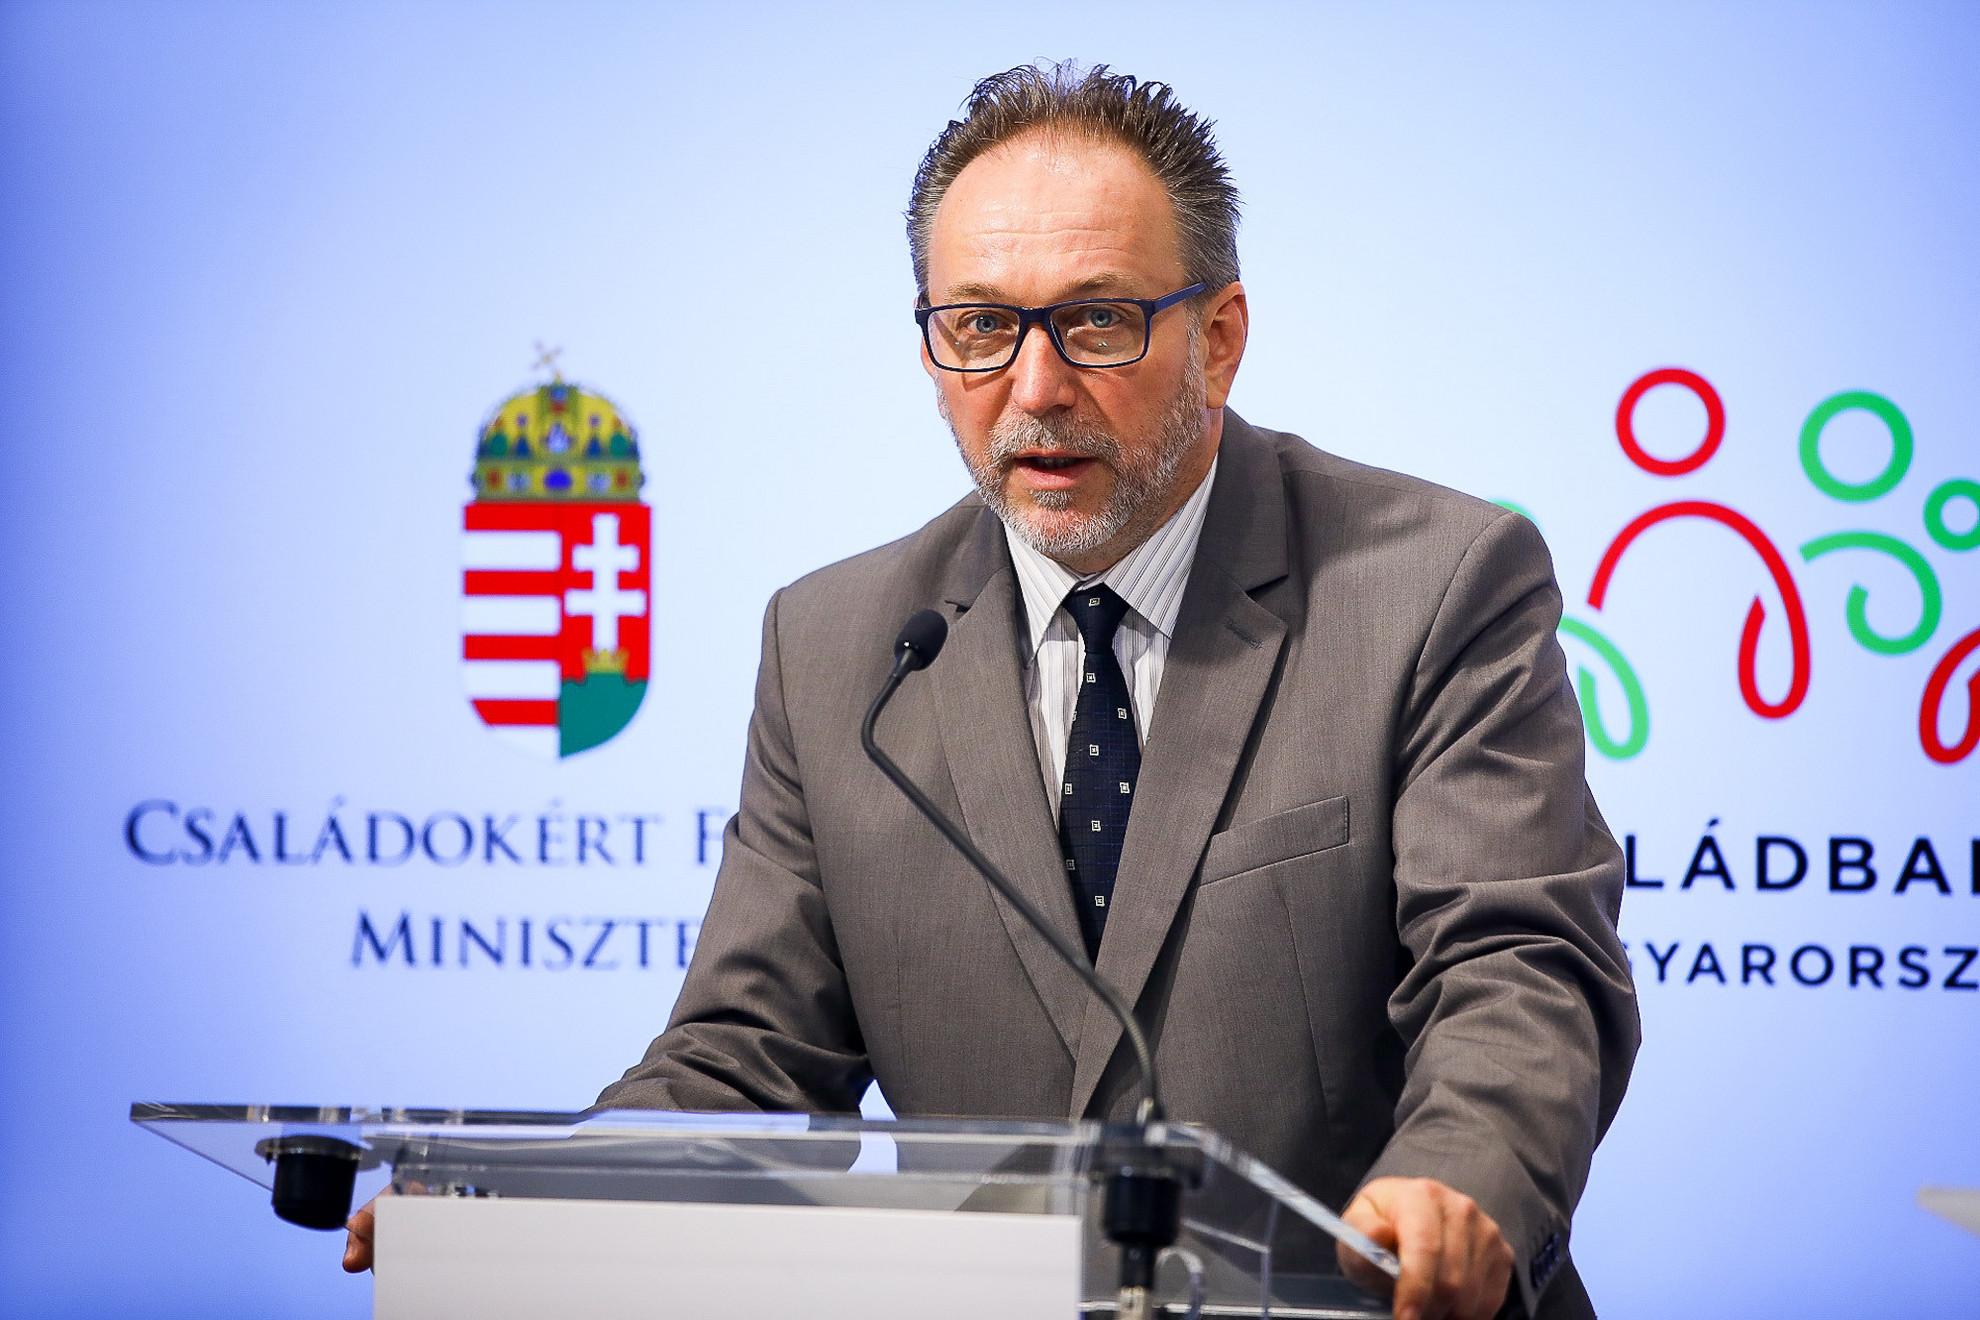 Fekete Péter, az Emberi Erőforrások Minisztériumának (Emmi) kultúráért felelős államtitkára